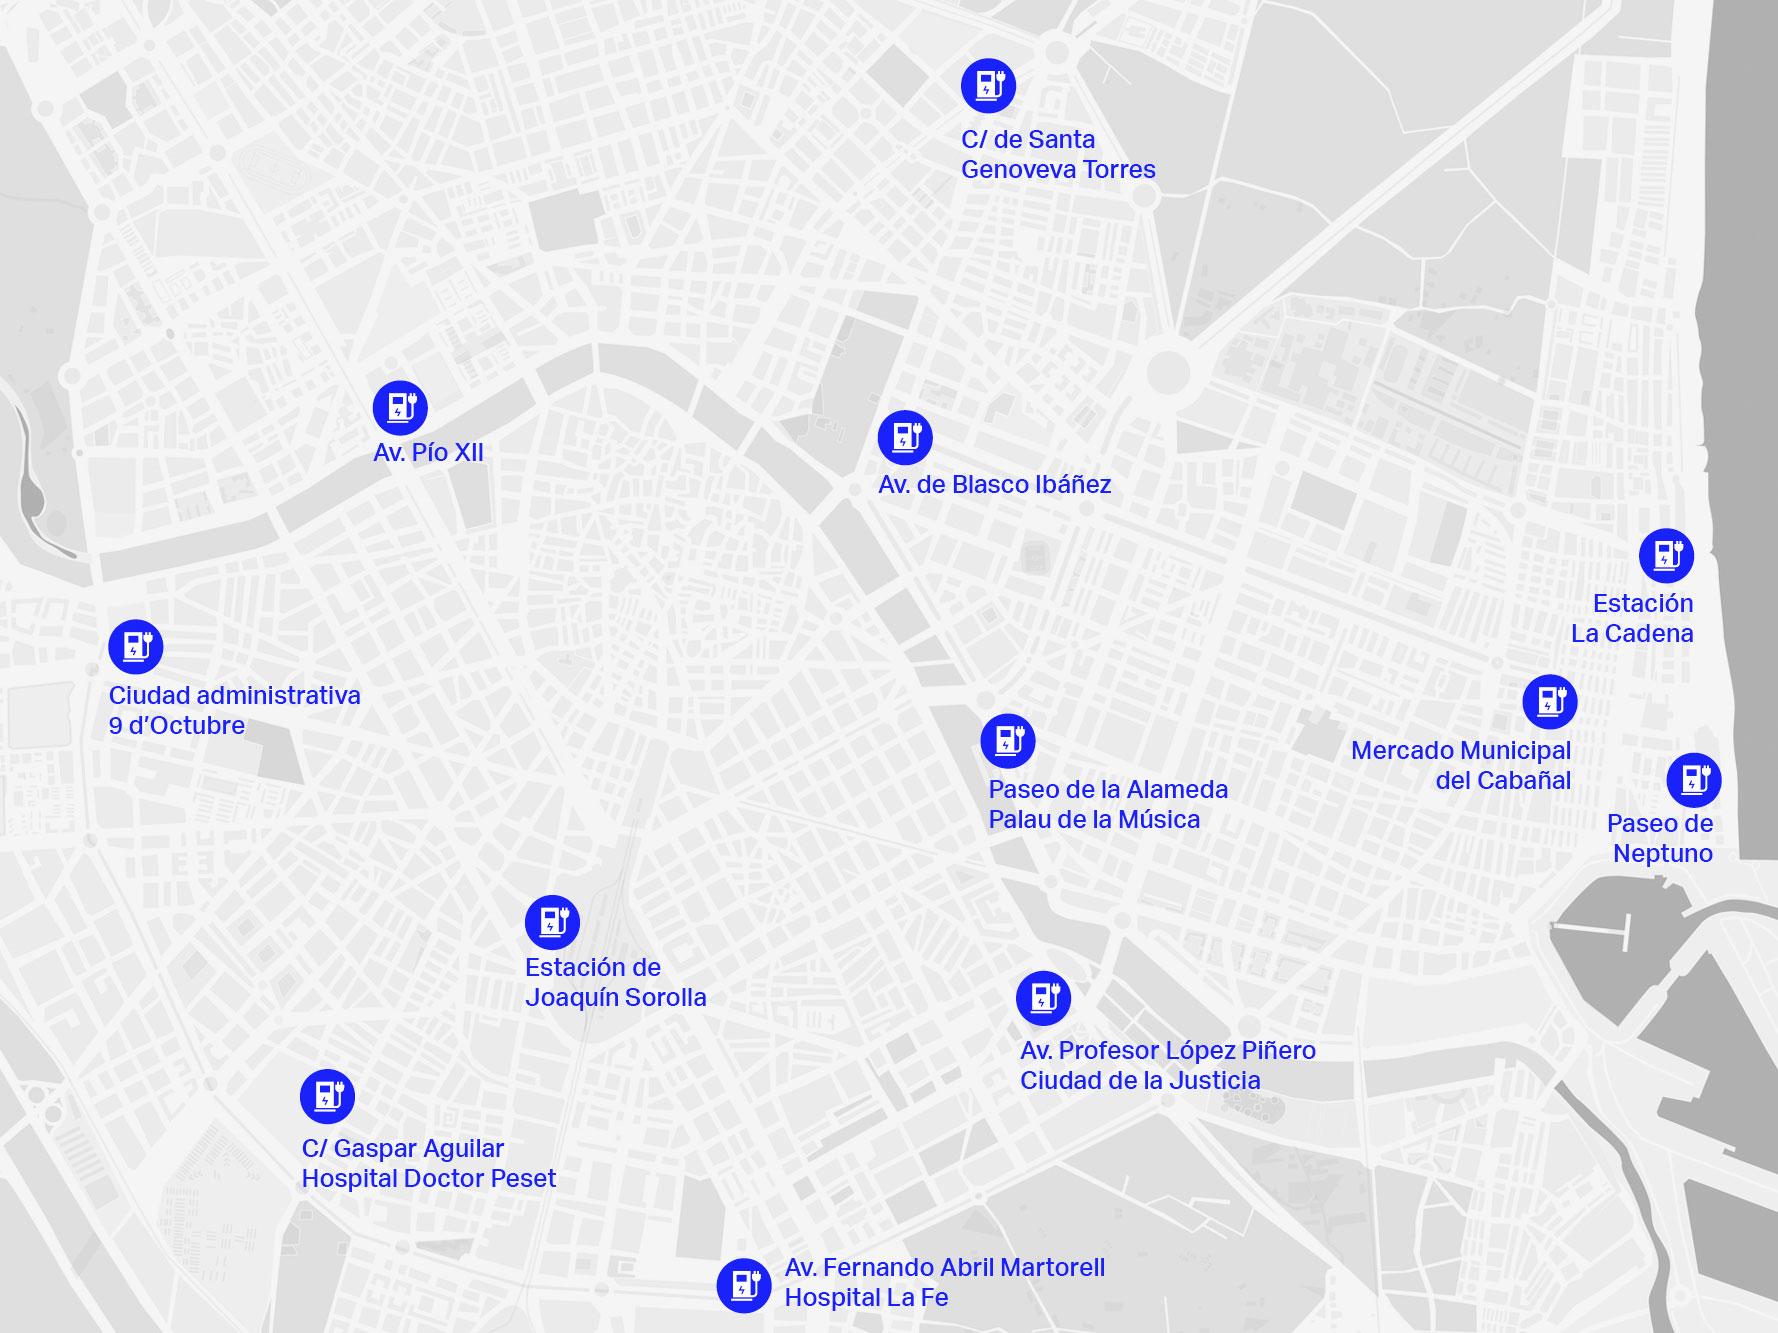 Propuesta de ubicación de los puntos de recarga en València